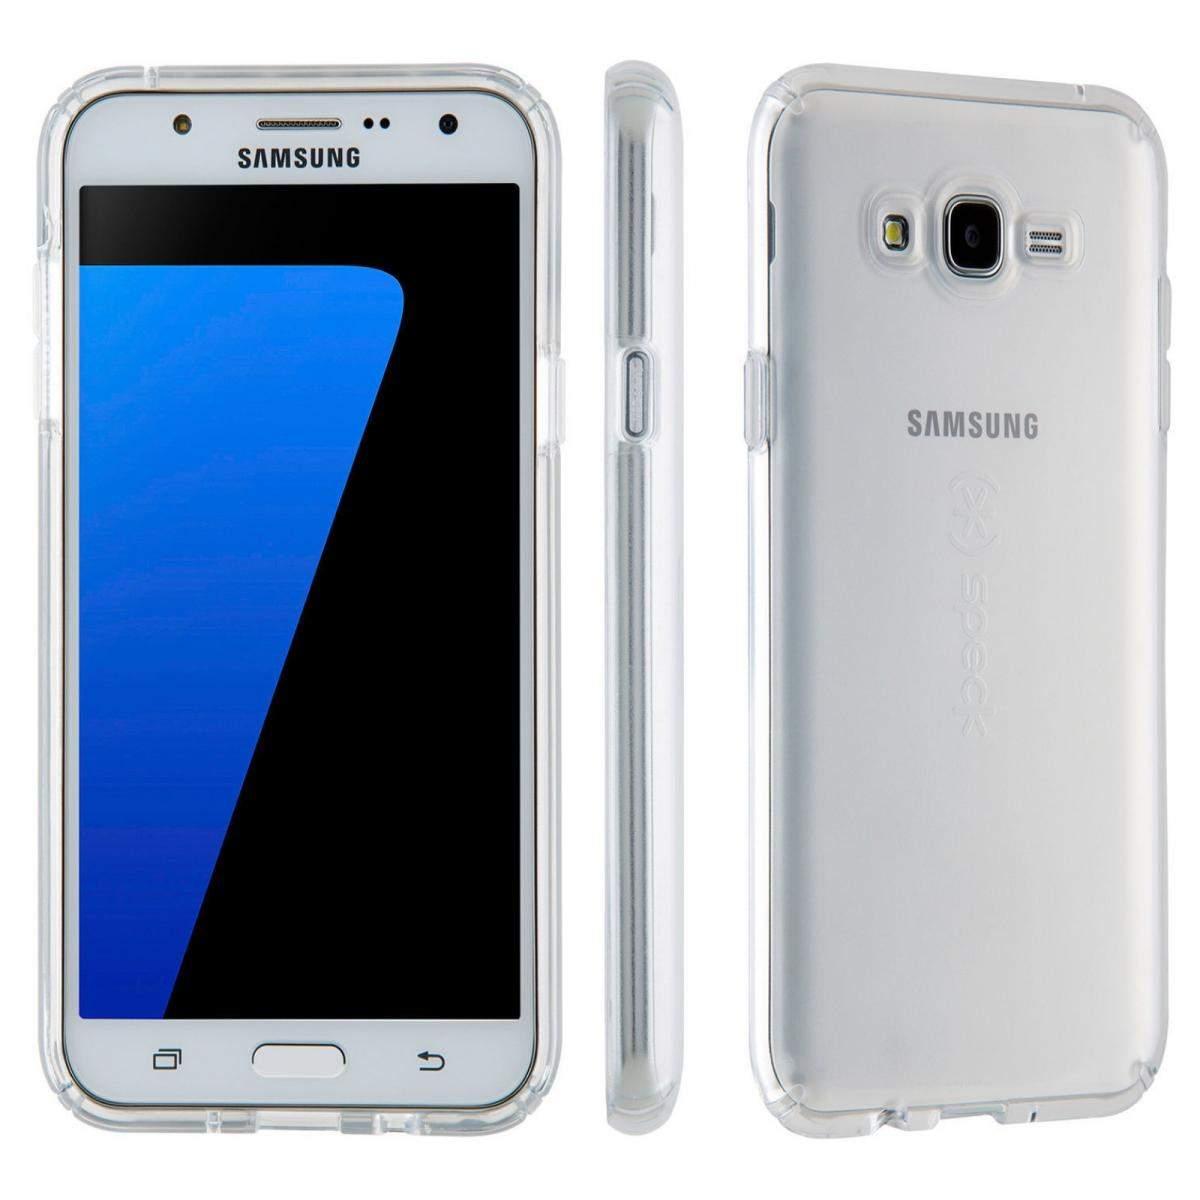 c4853cfe65d Funda de gel TPU Carcasa silicona para Samsung Galaxy J7 2016 Transparente